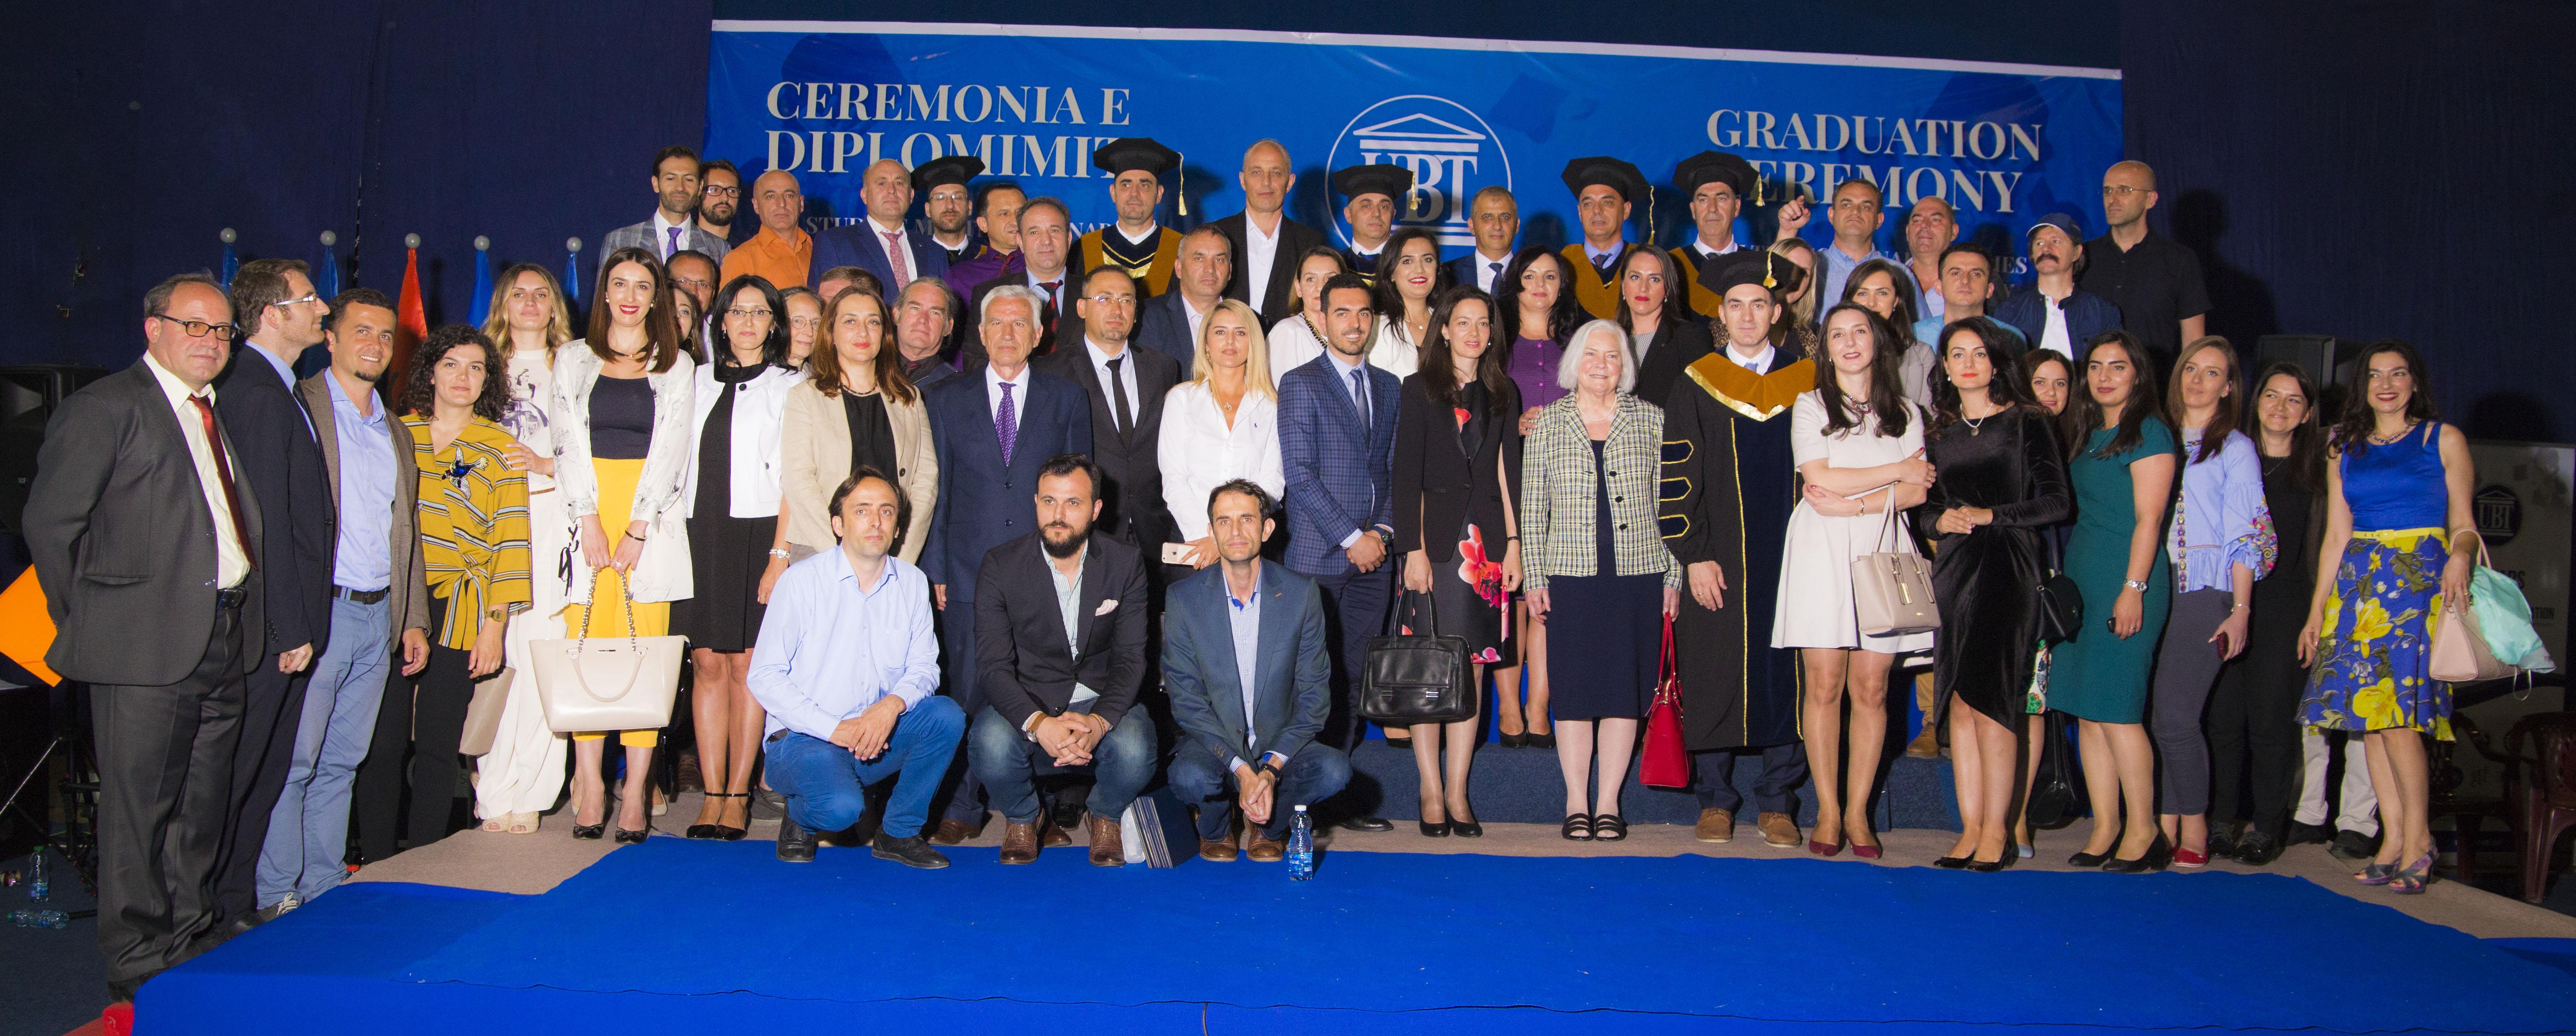 UBT sjell dijen dhe praktiken botërore për të ardhmen e sigurt të studentëve